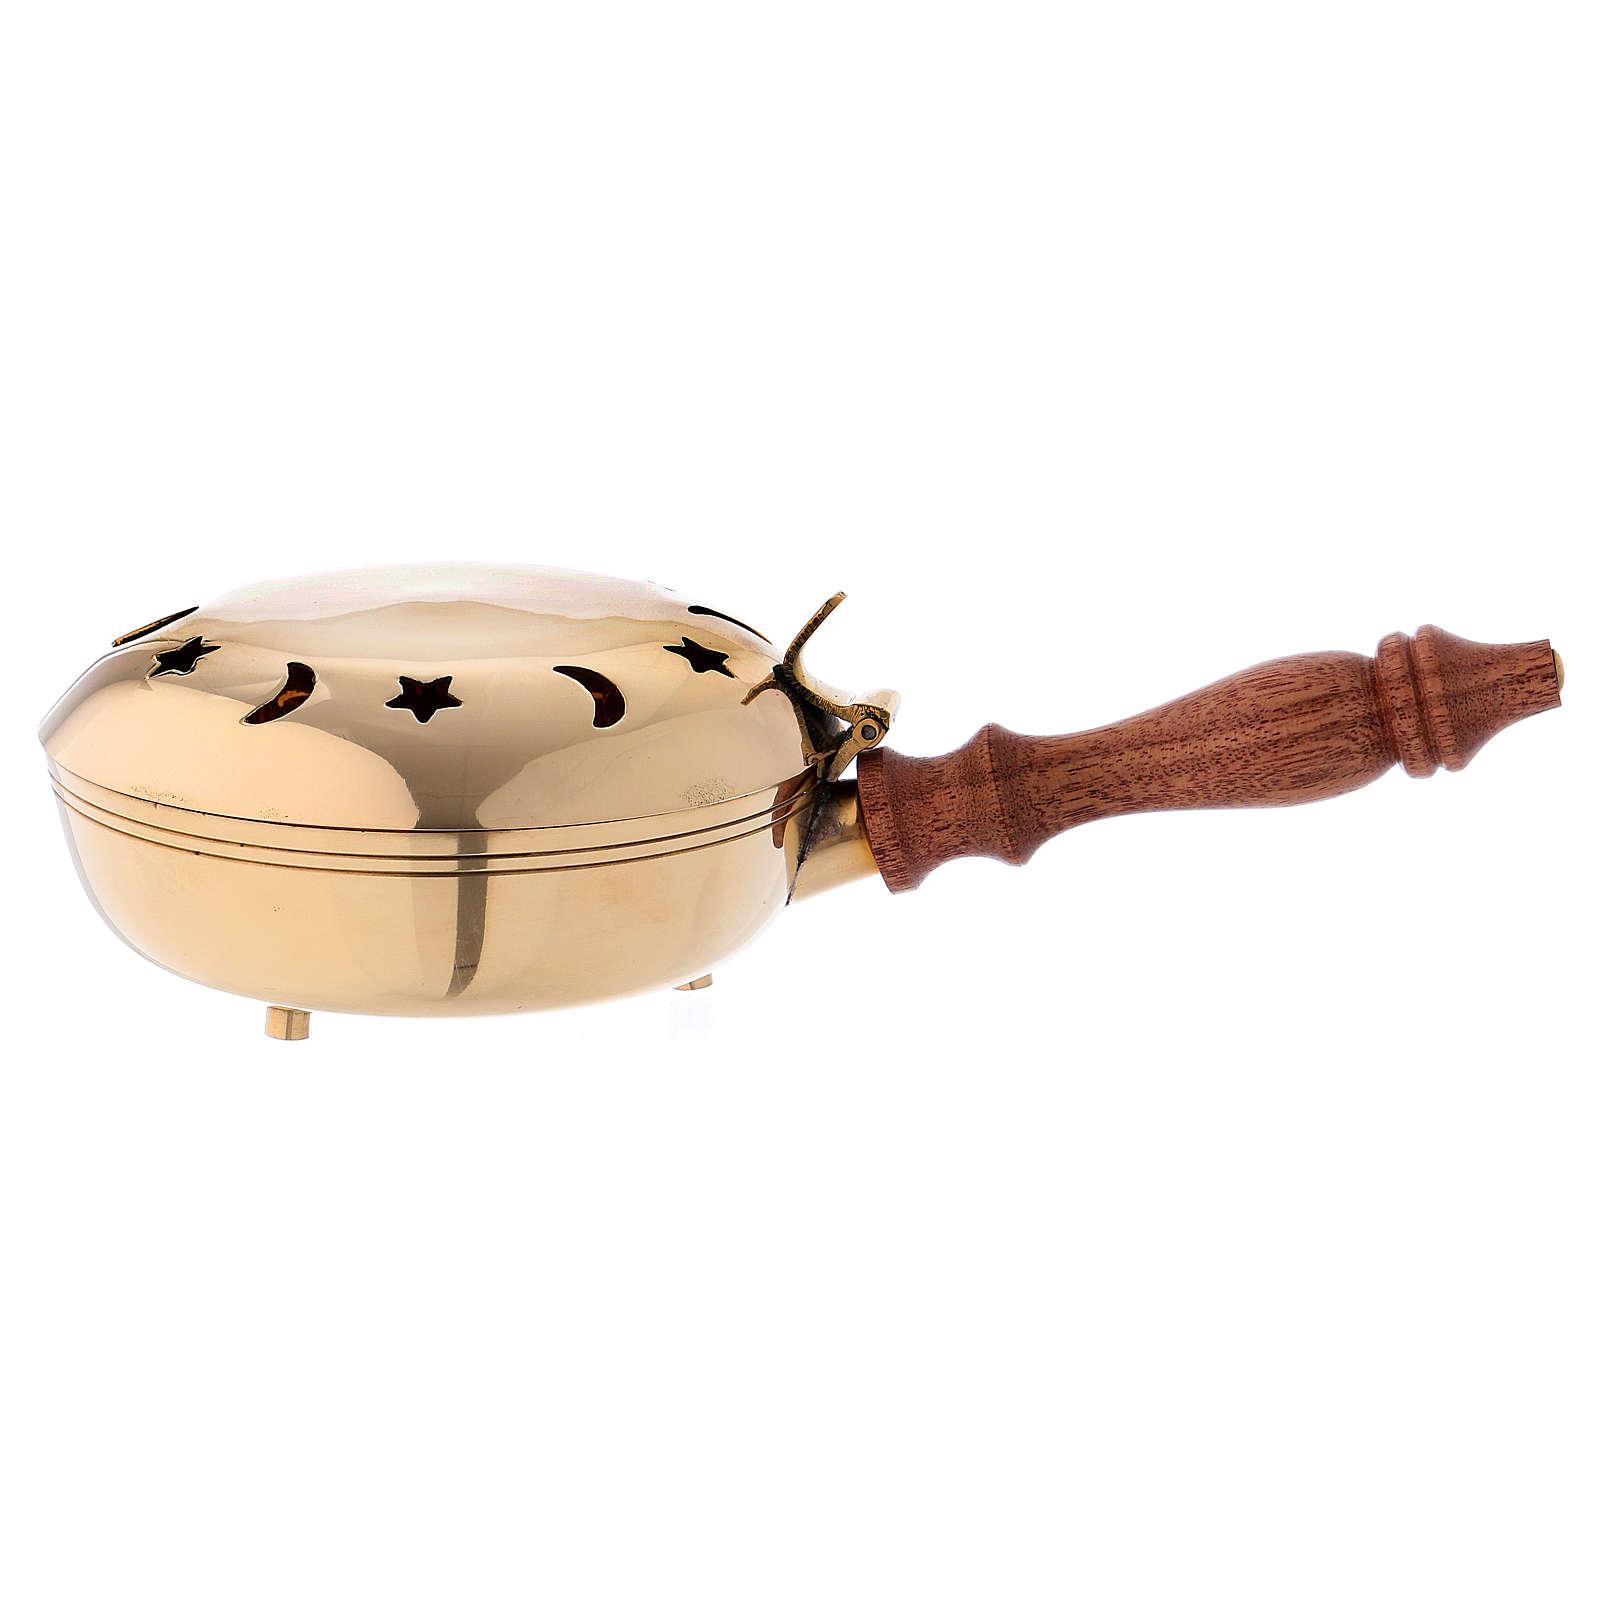 Queimador incenso latão dourado maciço cabo em madeira 3